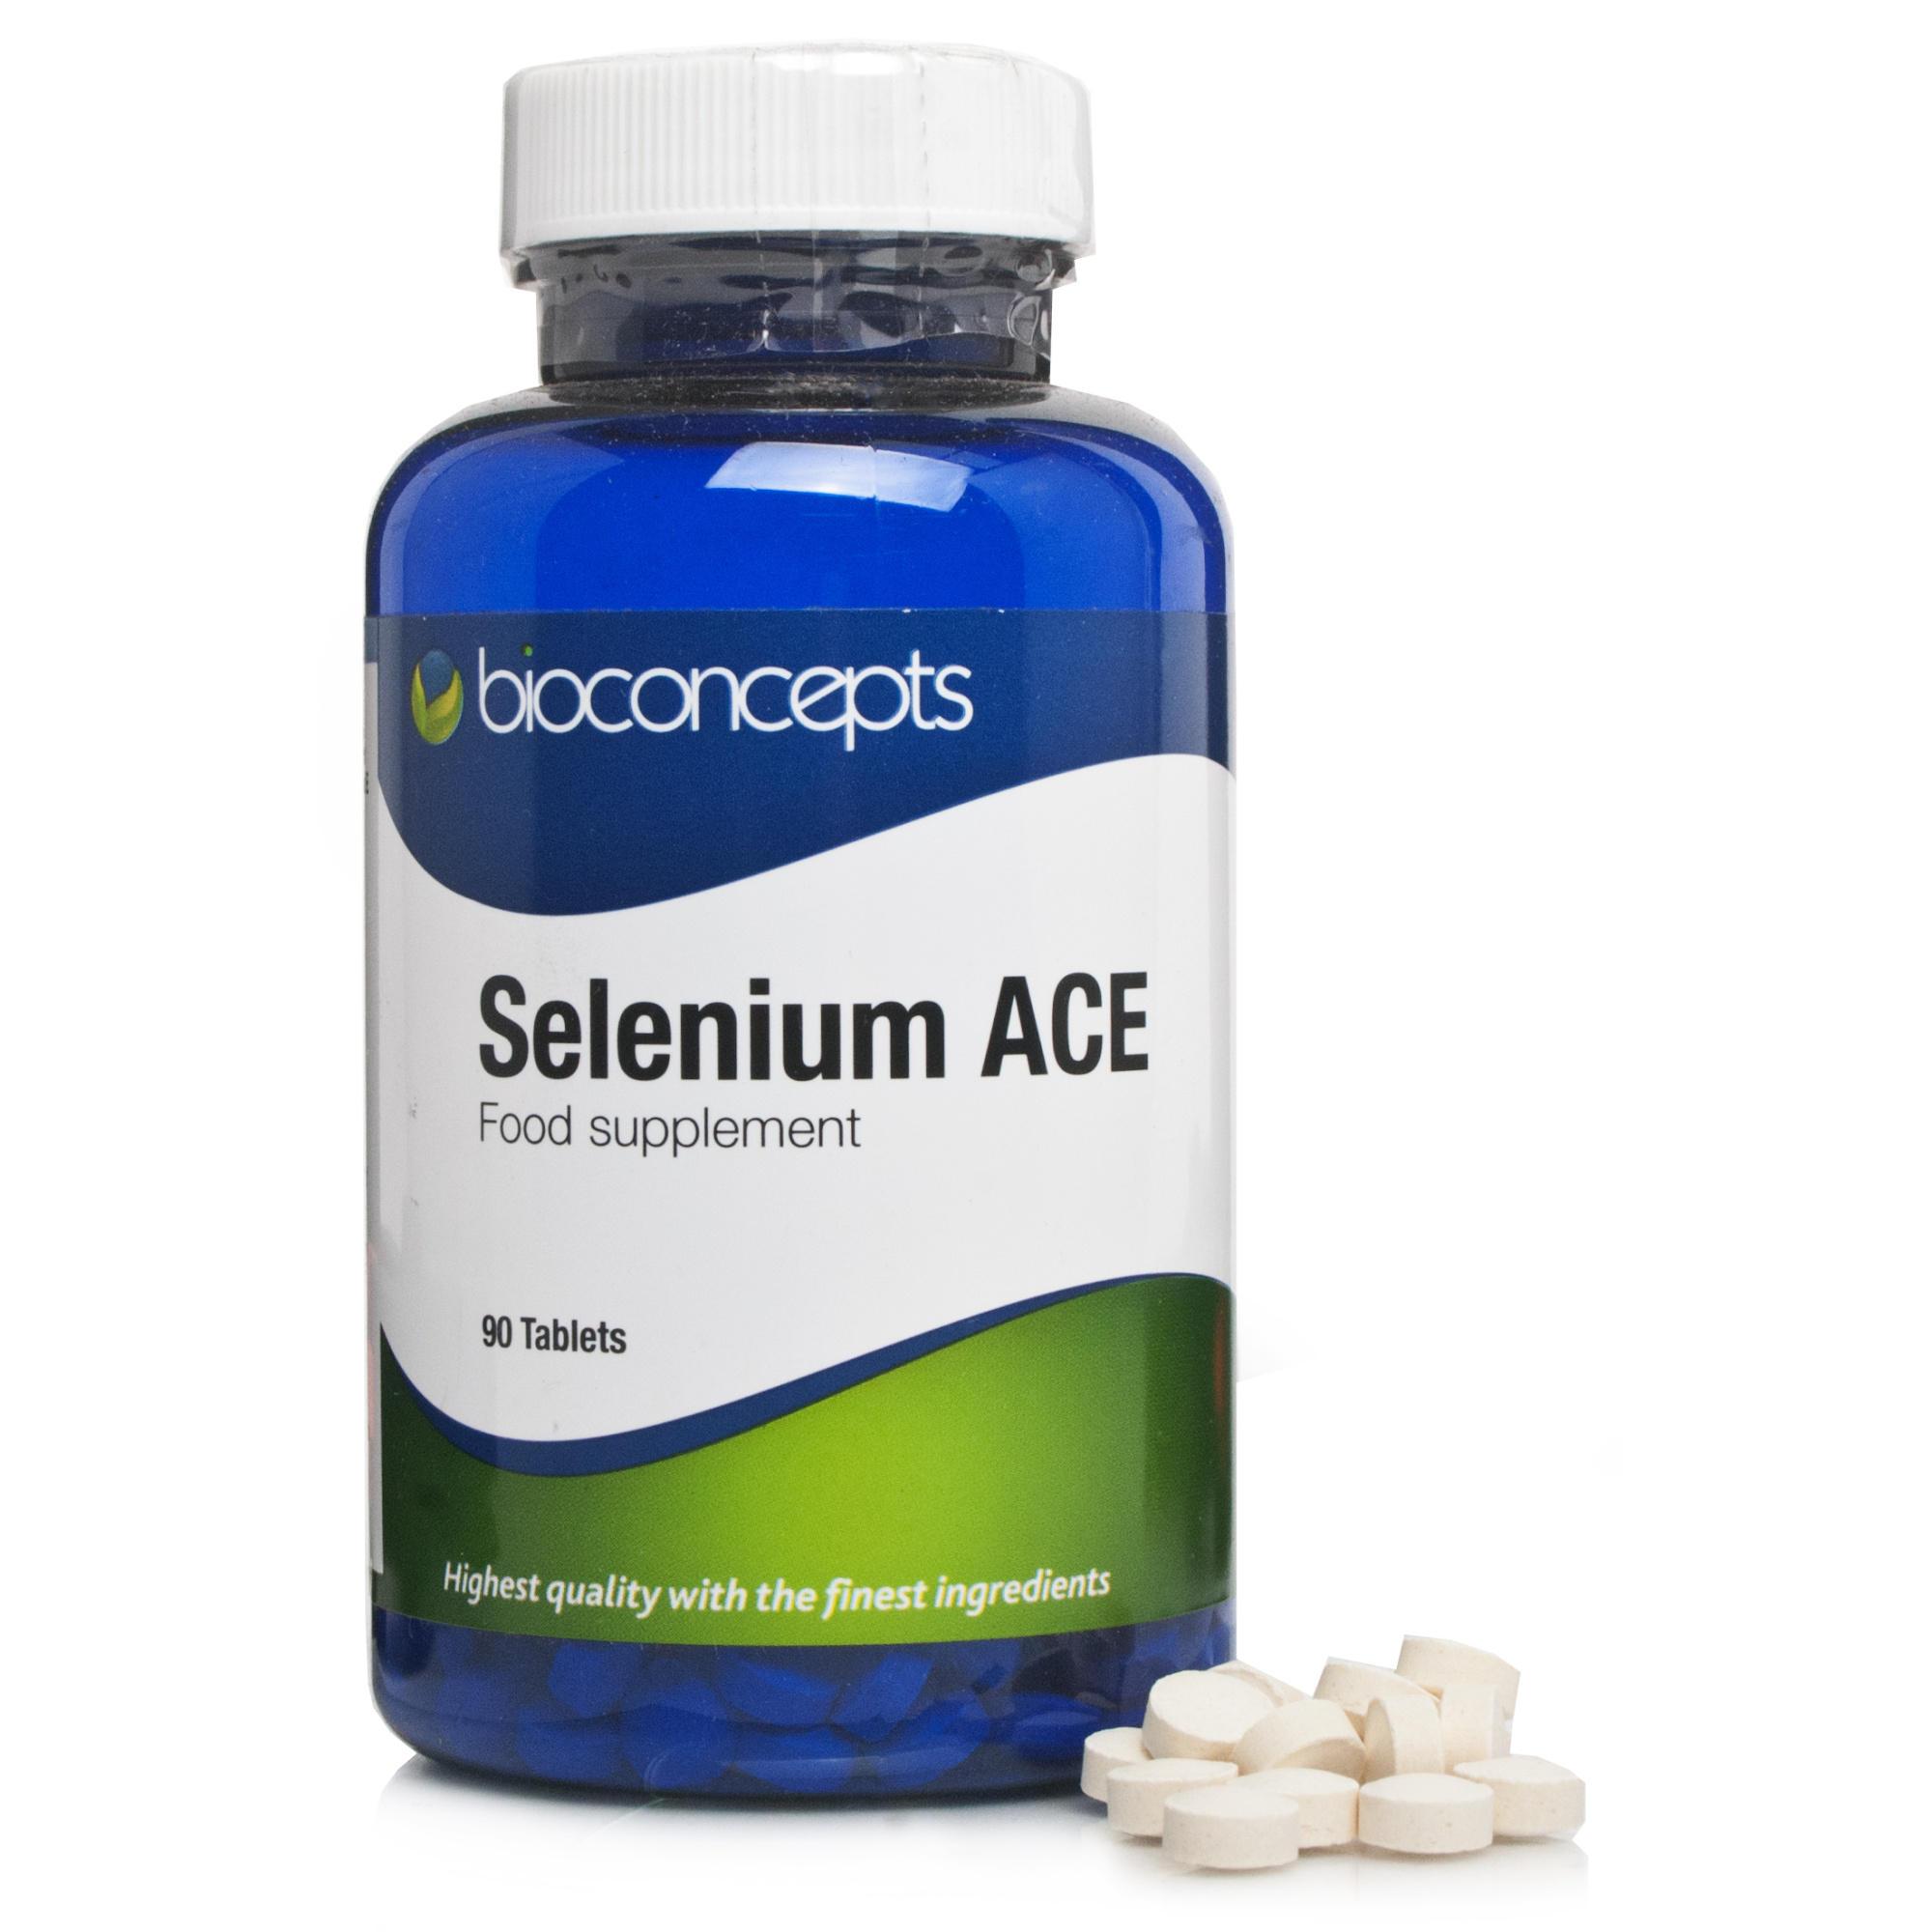 Bioconcepts Selenium ACE Supplements Chemist Direct